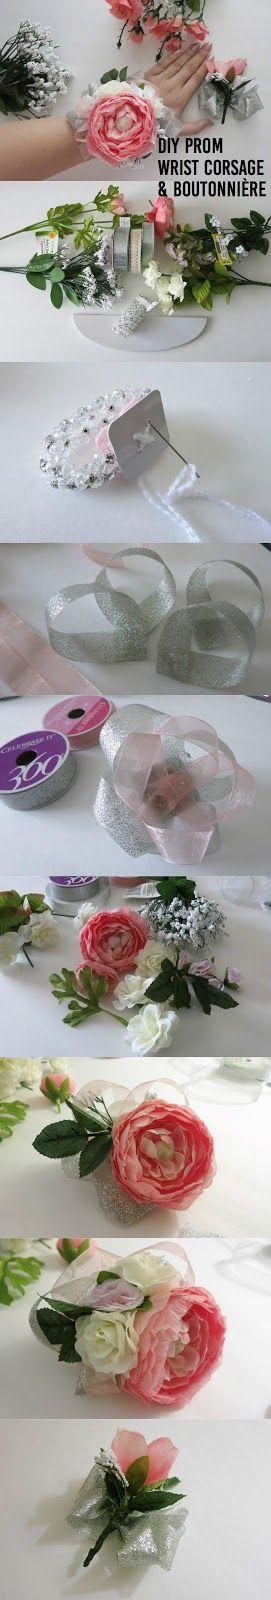 Vibrant Vantage: DIY Prom Wrist Corsage + Boutonnière